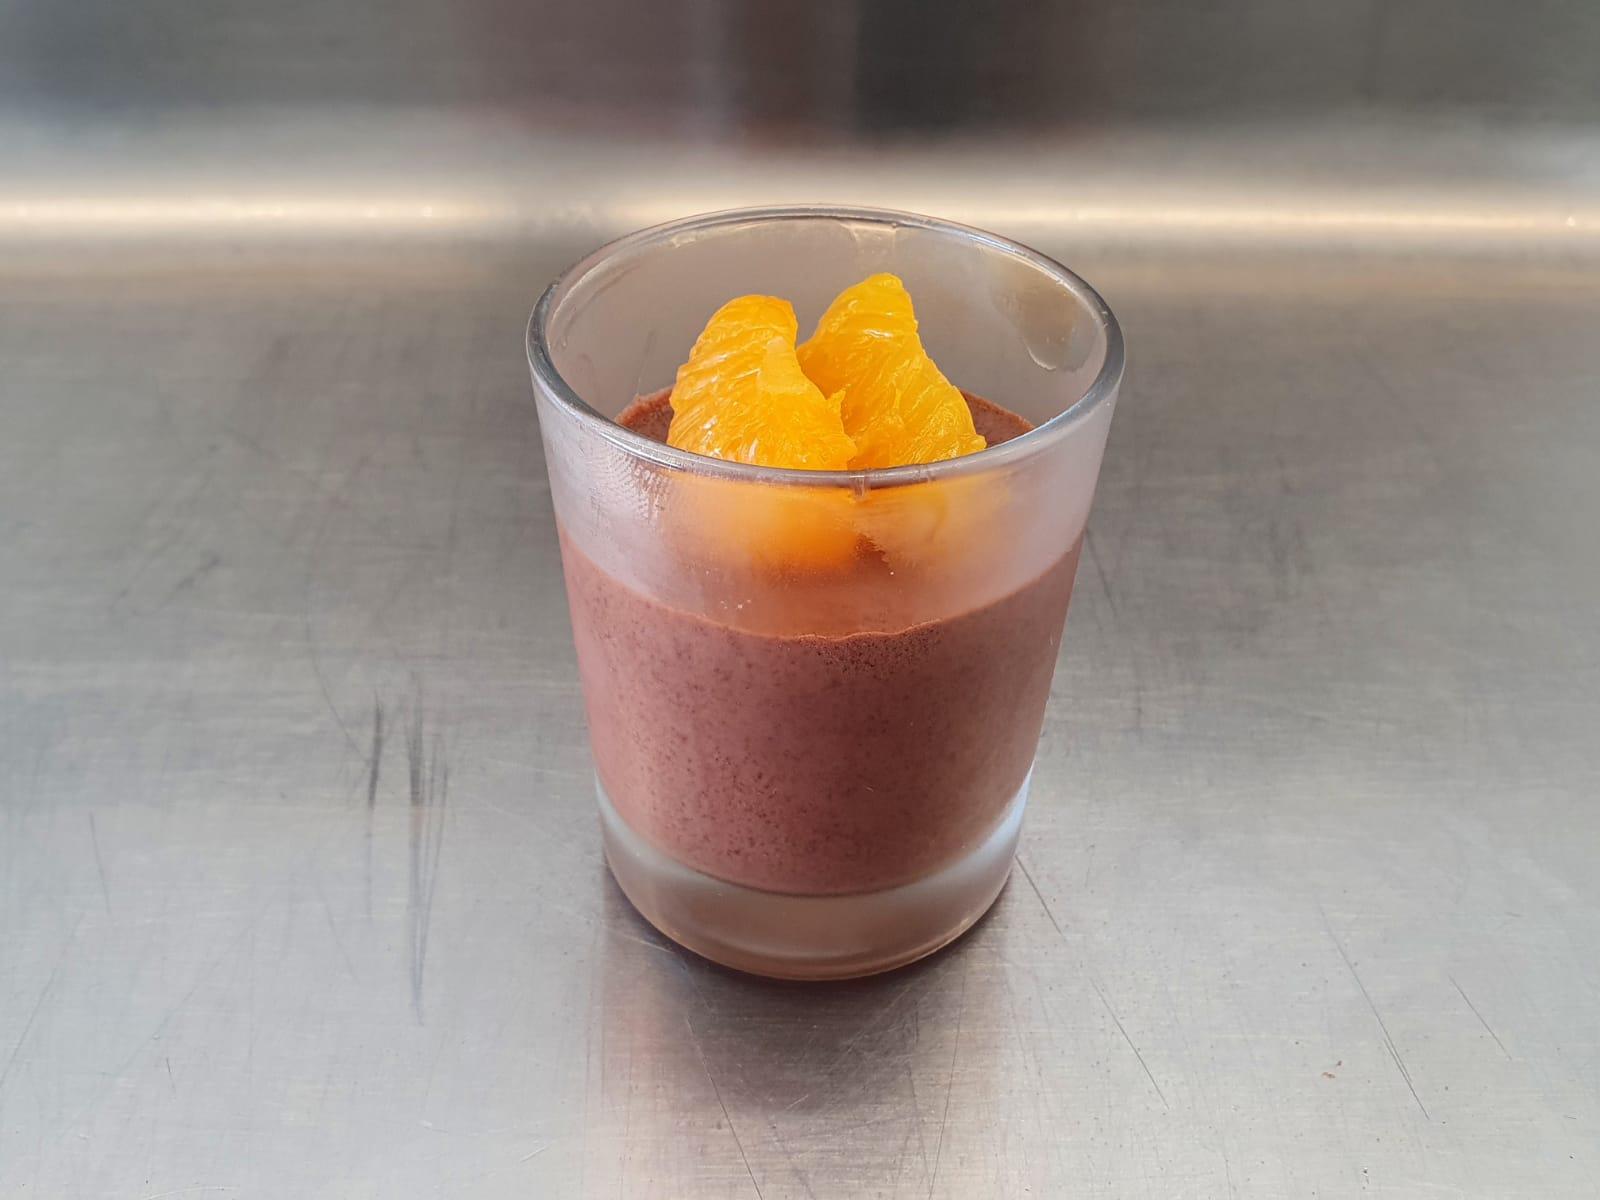 Mousse au Chocolat im Dessertglas